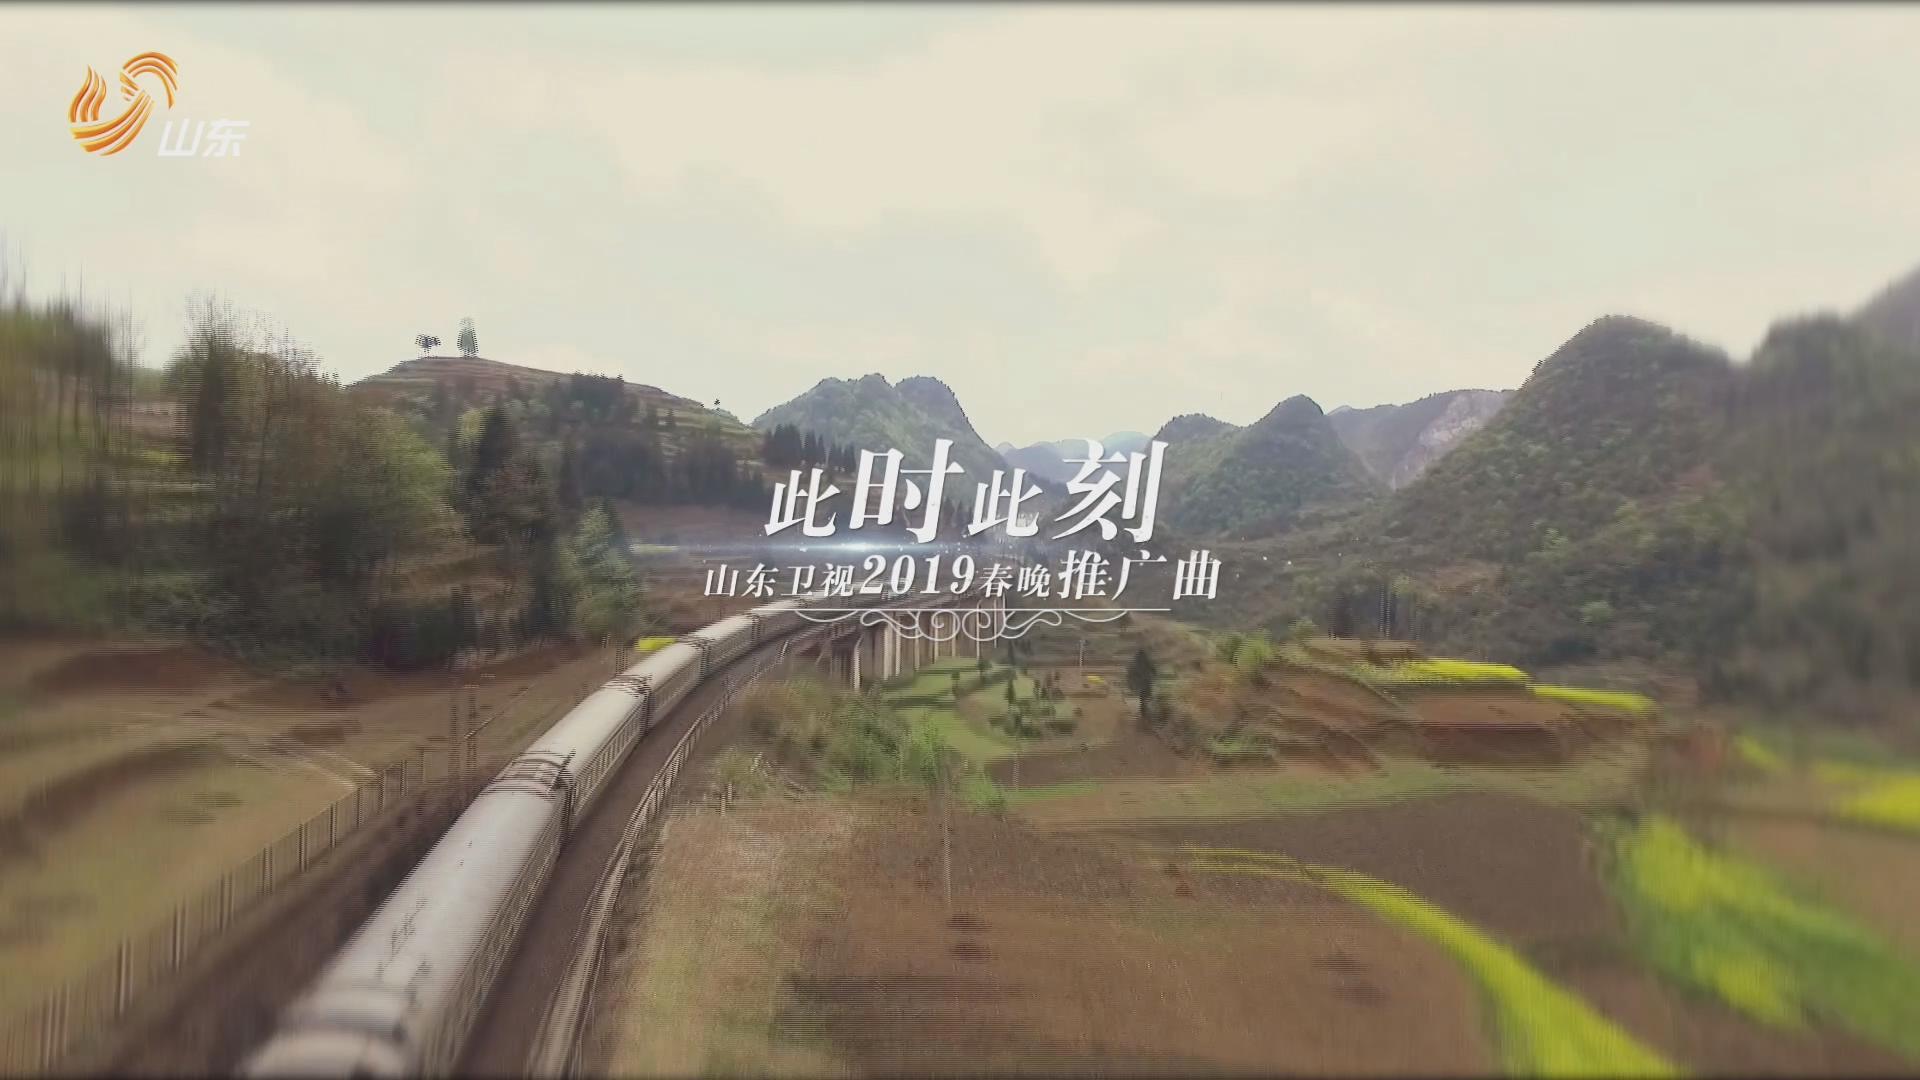 催泪MV!山东卫视2019春晚推广曲《此时此刻》温情上线